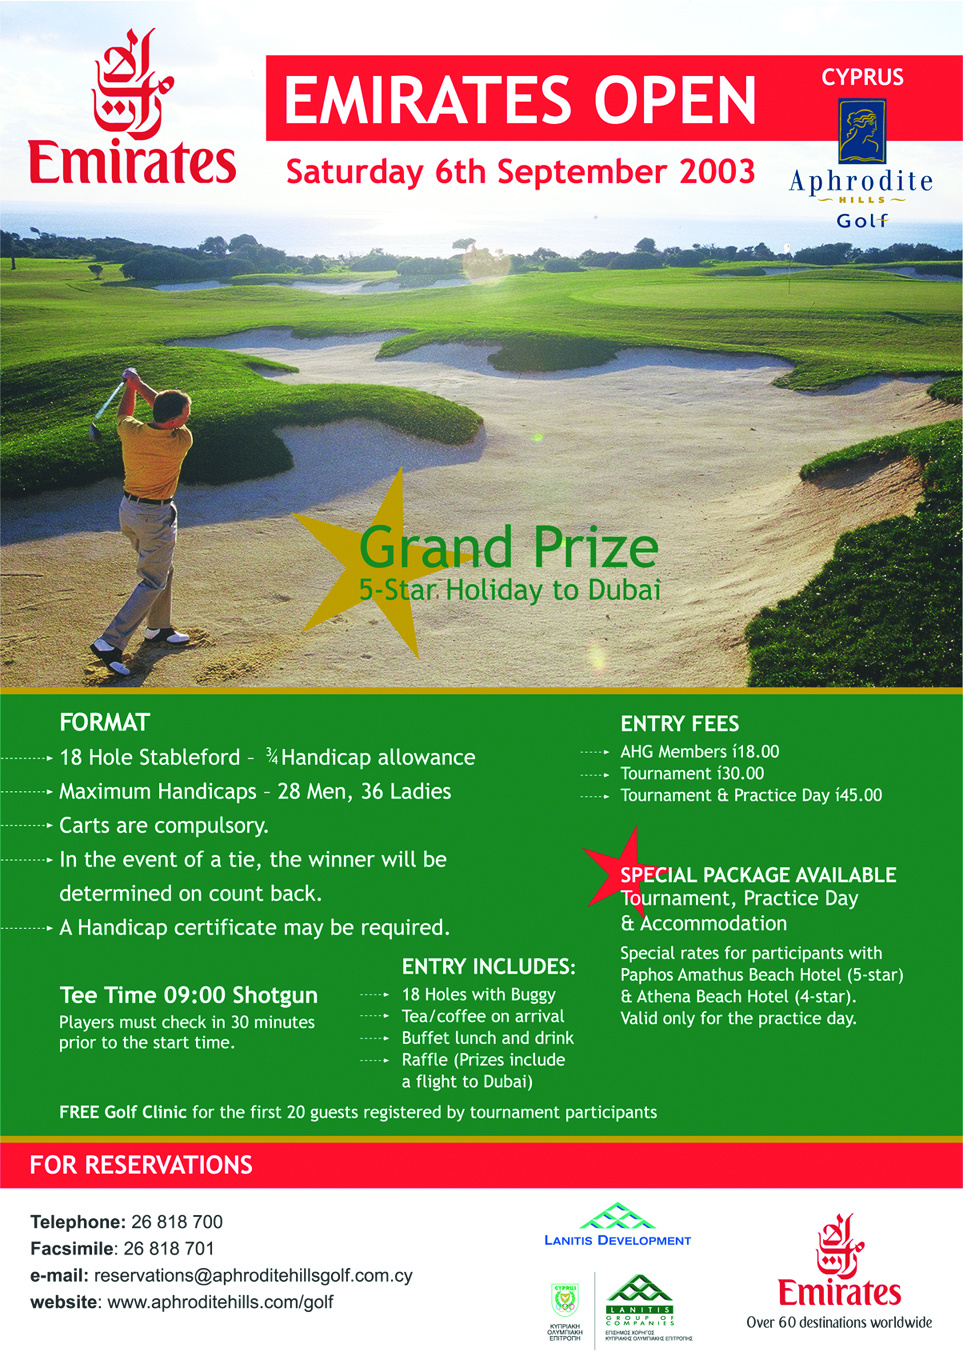 Emirates Open - AH Golf, 2005